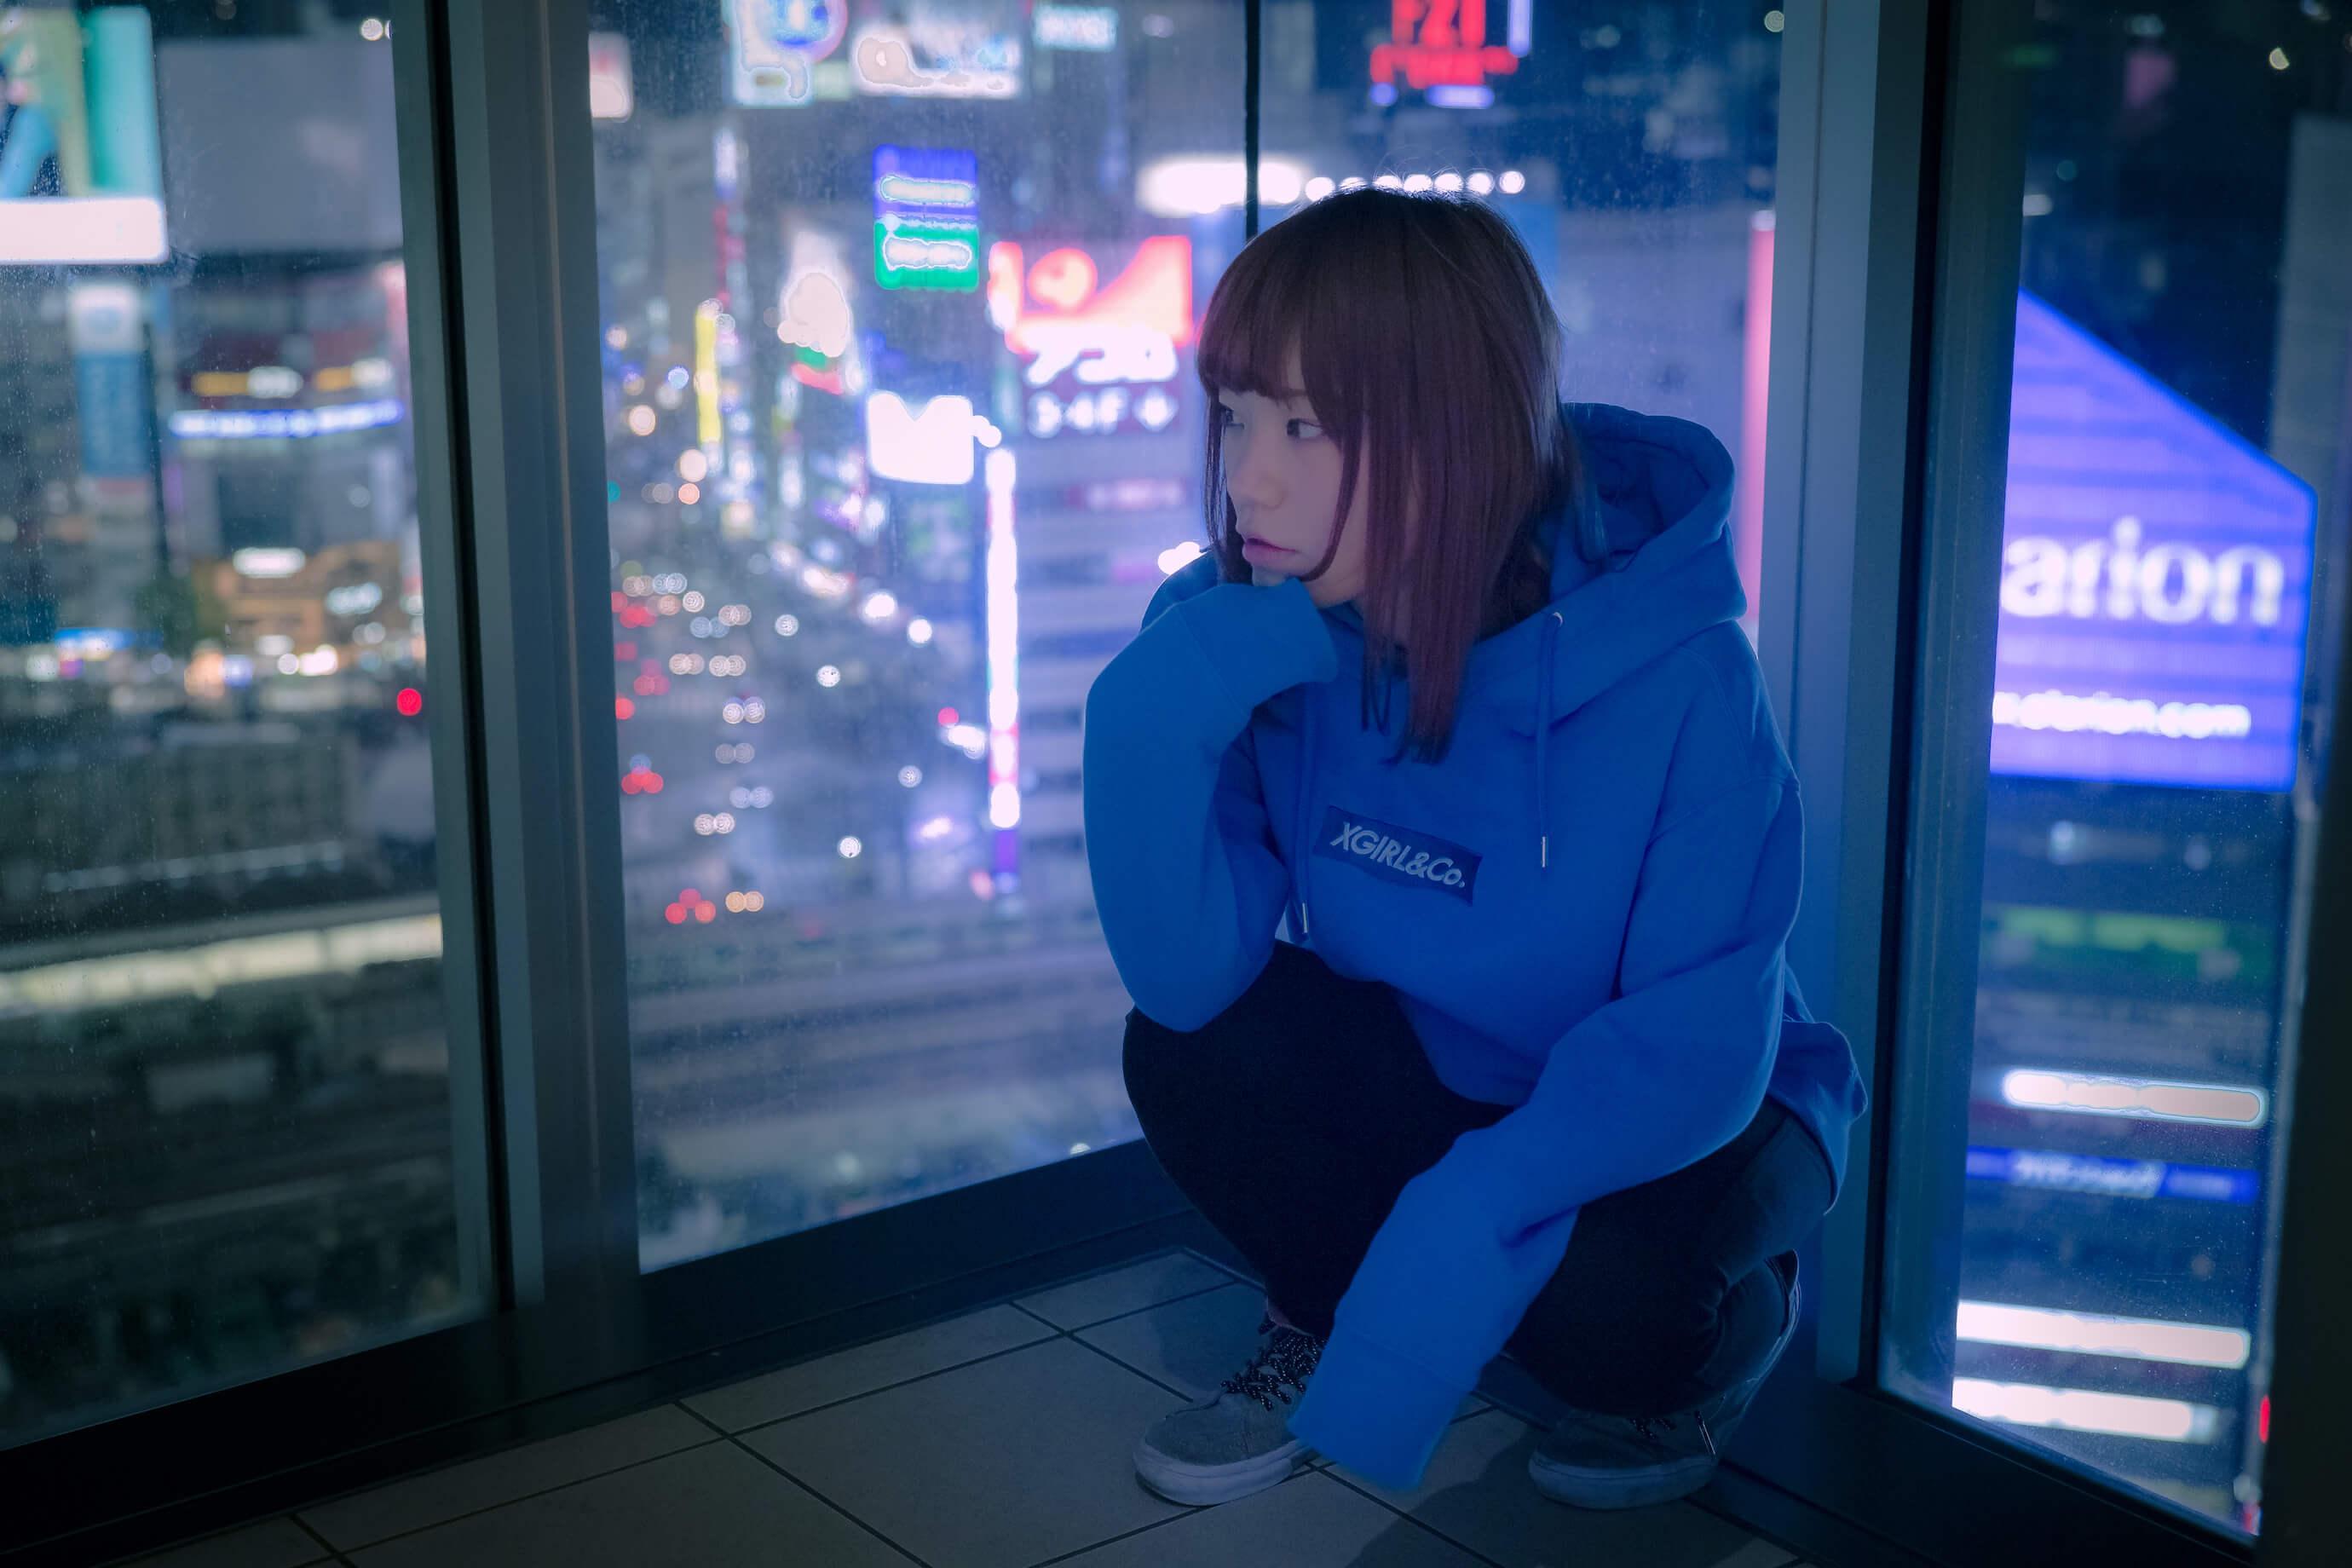 YUC'e、ストリーミング先行配信曲第2弾の「macaron moon」動画を配信限定アルバムから公開